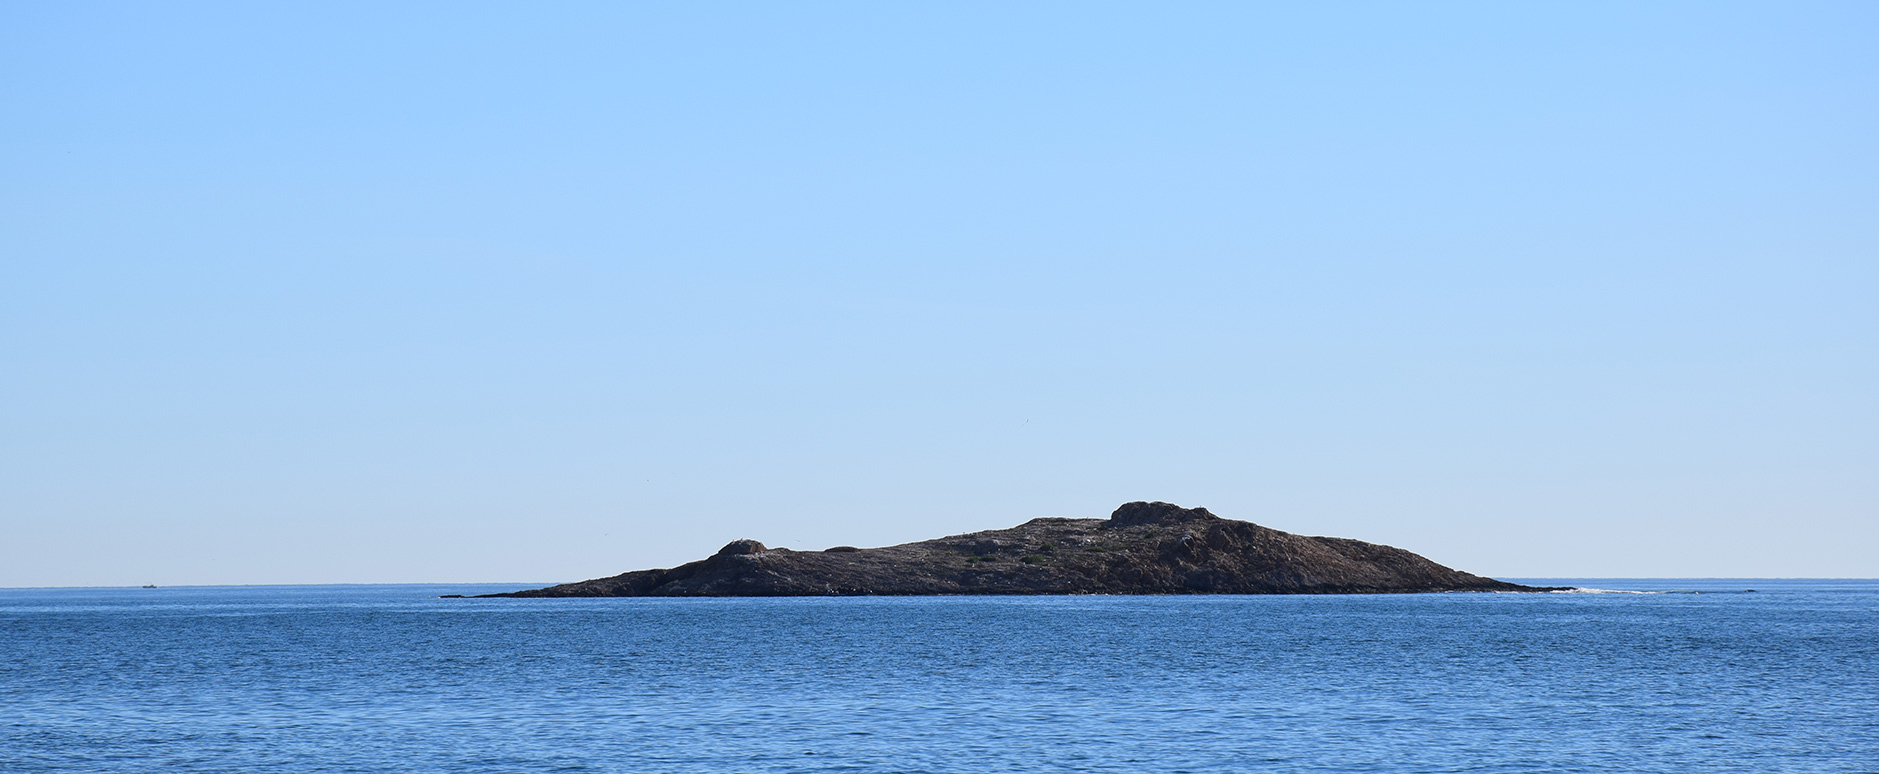 Isla de San Andrés, Siente Carboneras